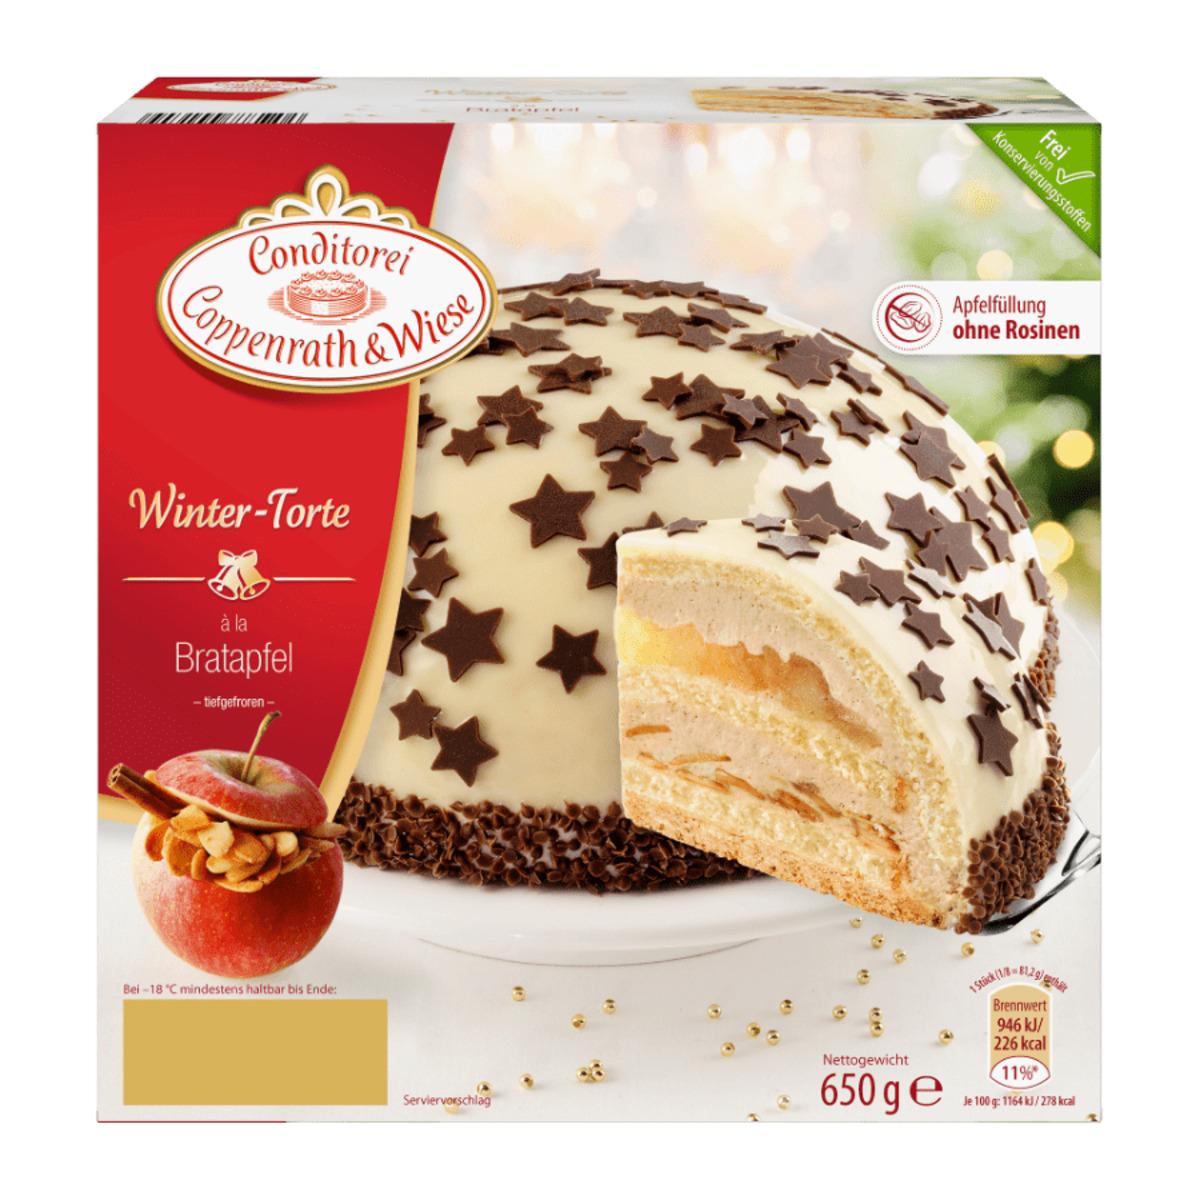 Coppenrath & Wiese Winter-Torte von Aldi Nord ansehen!